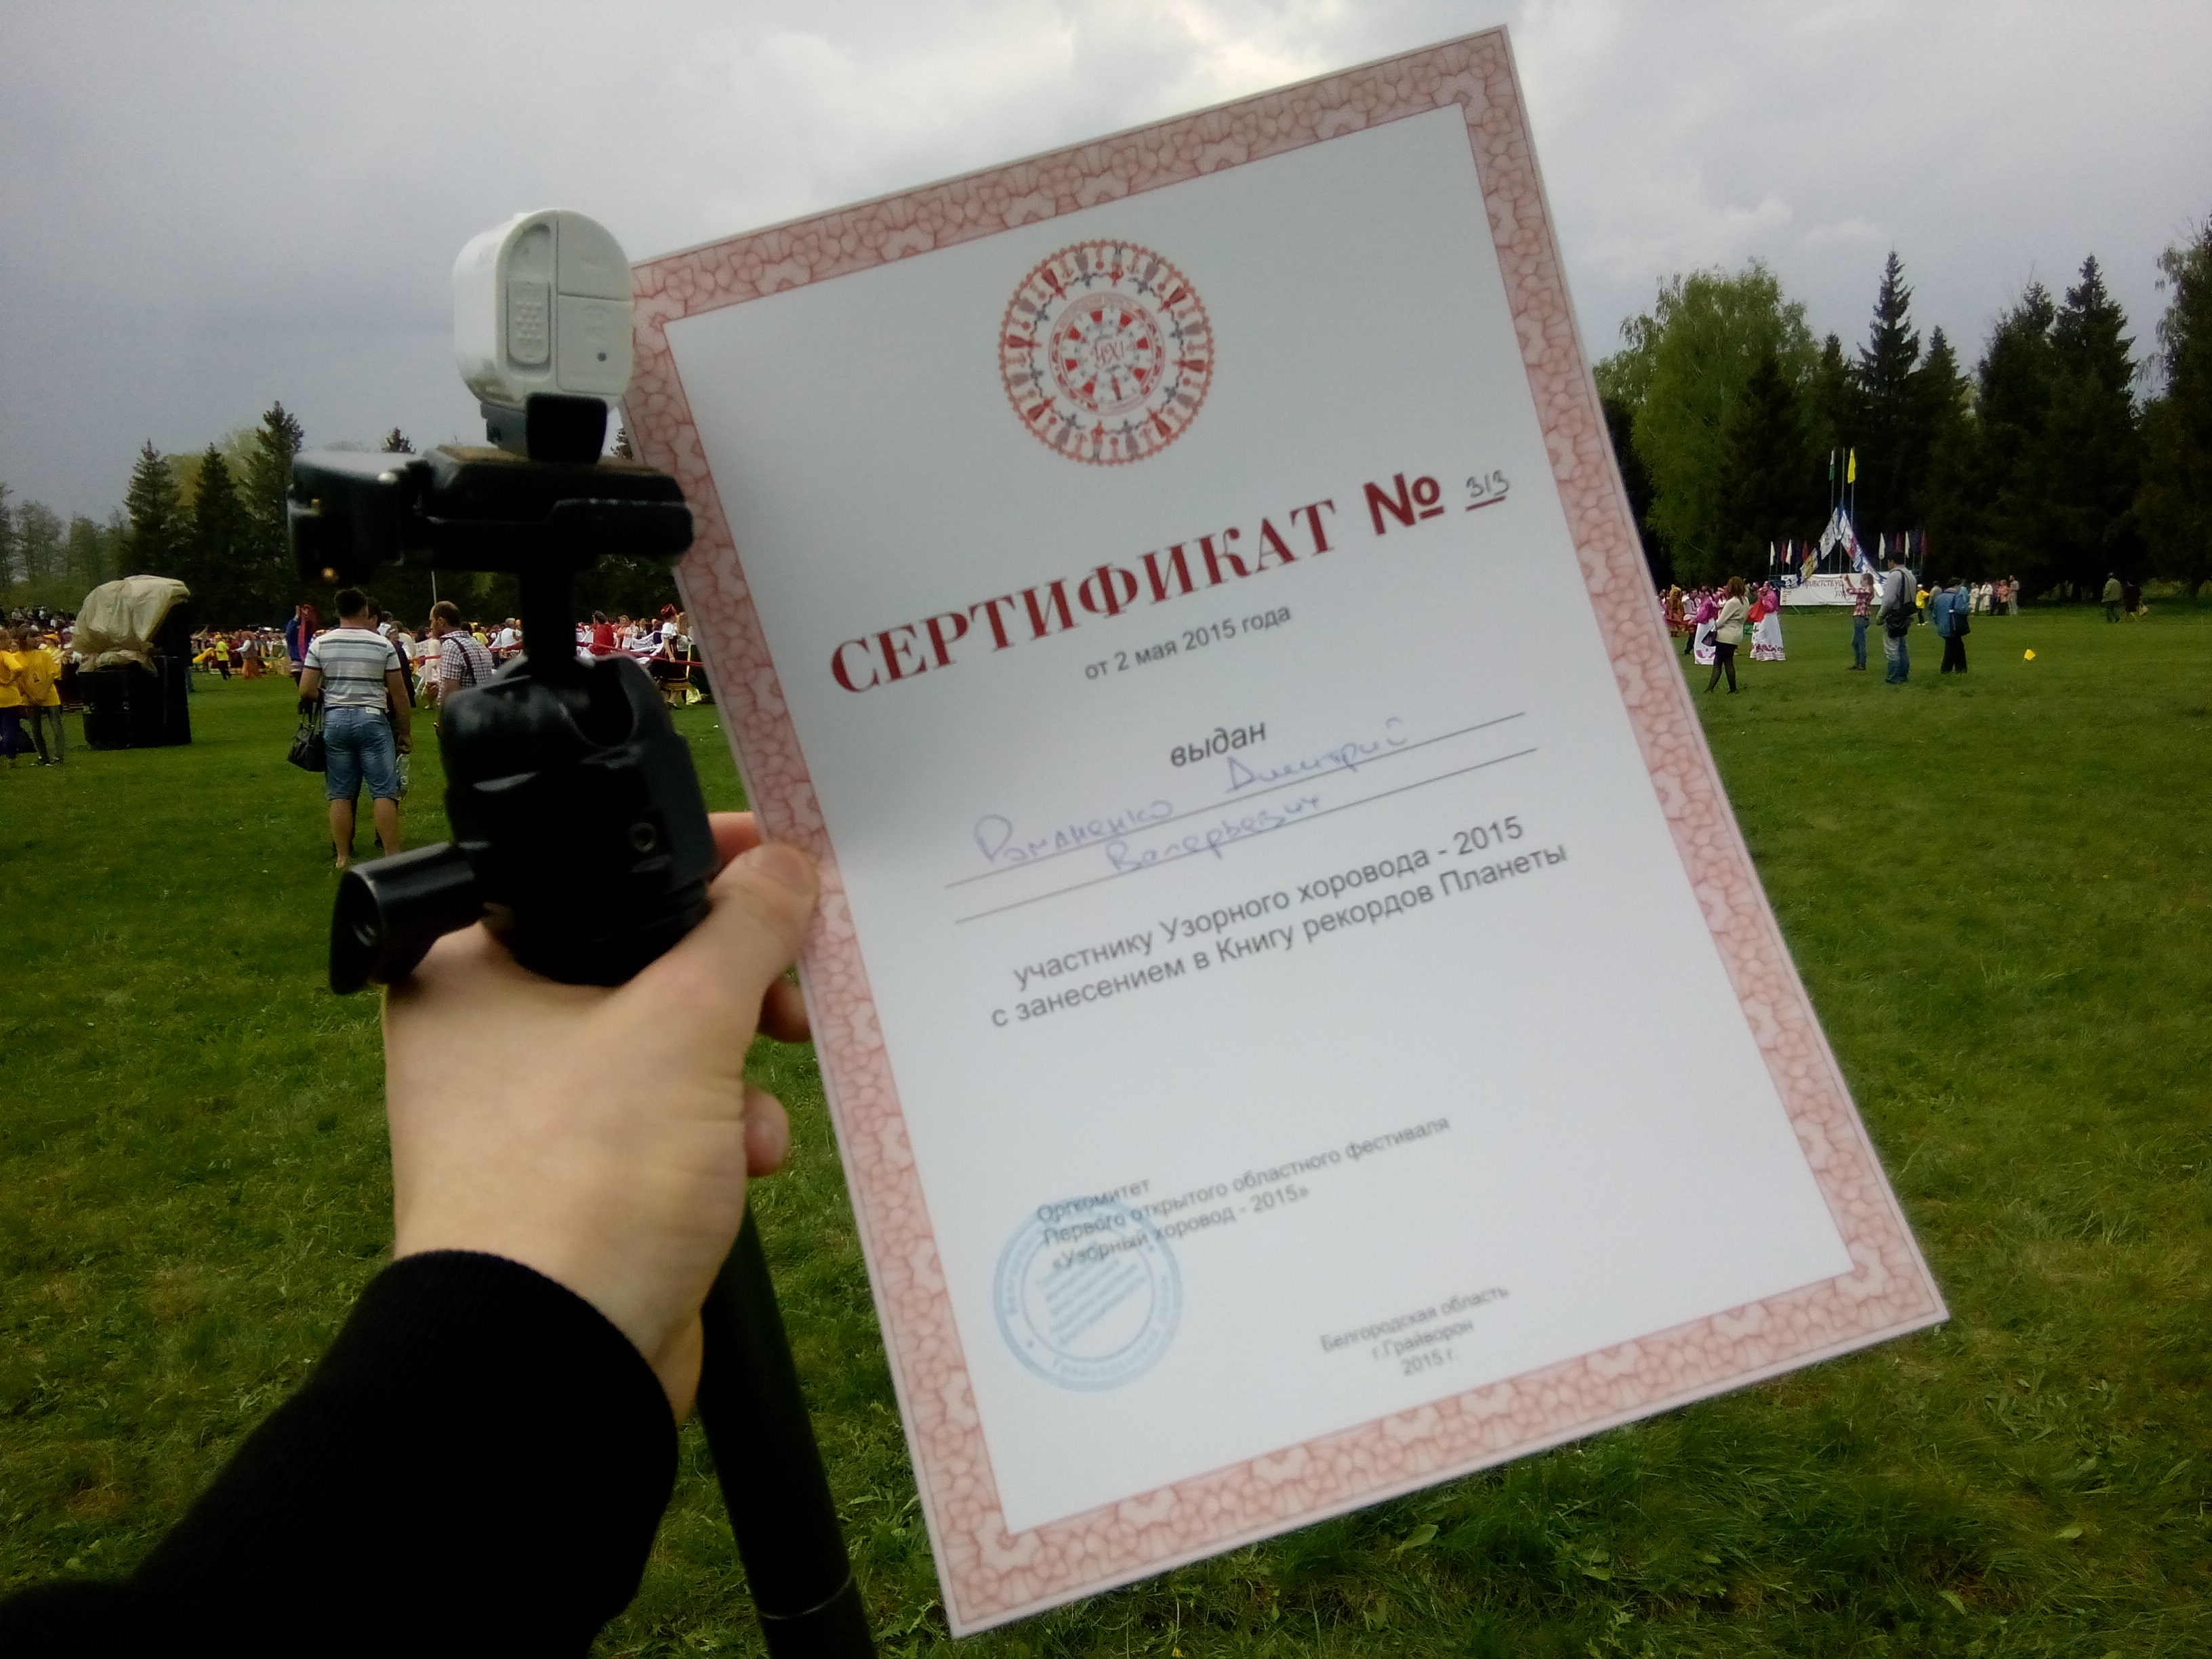 узорный хоровод, хоровод, танок, кривой танок, грайворон, грайворонский район, белогорье, белгородская область